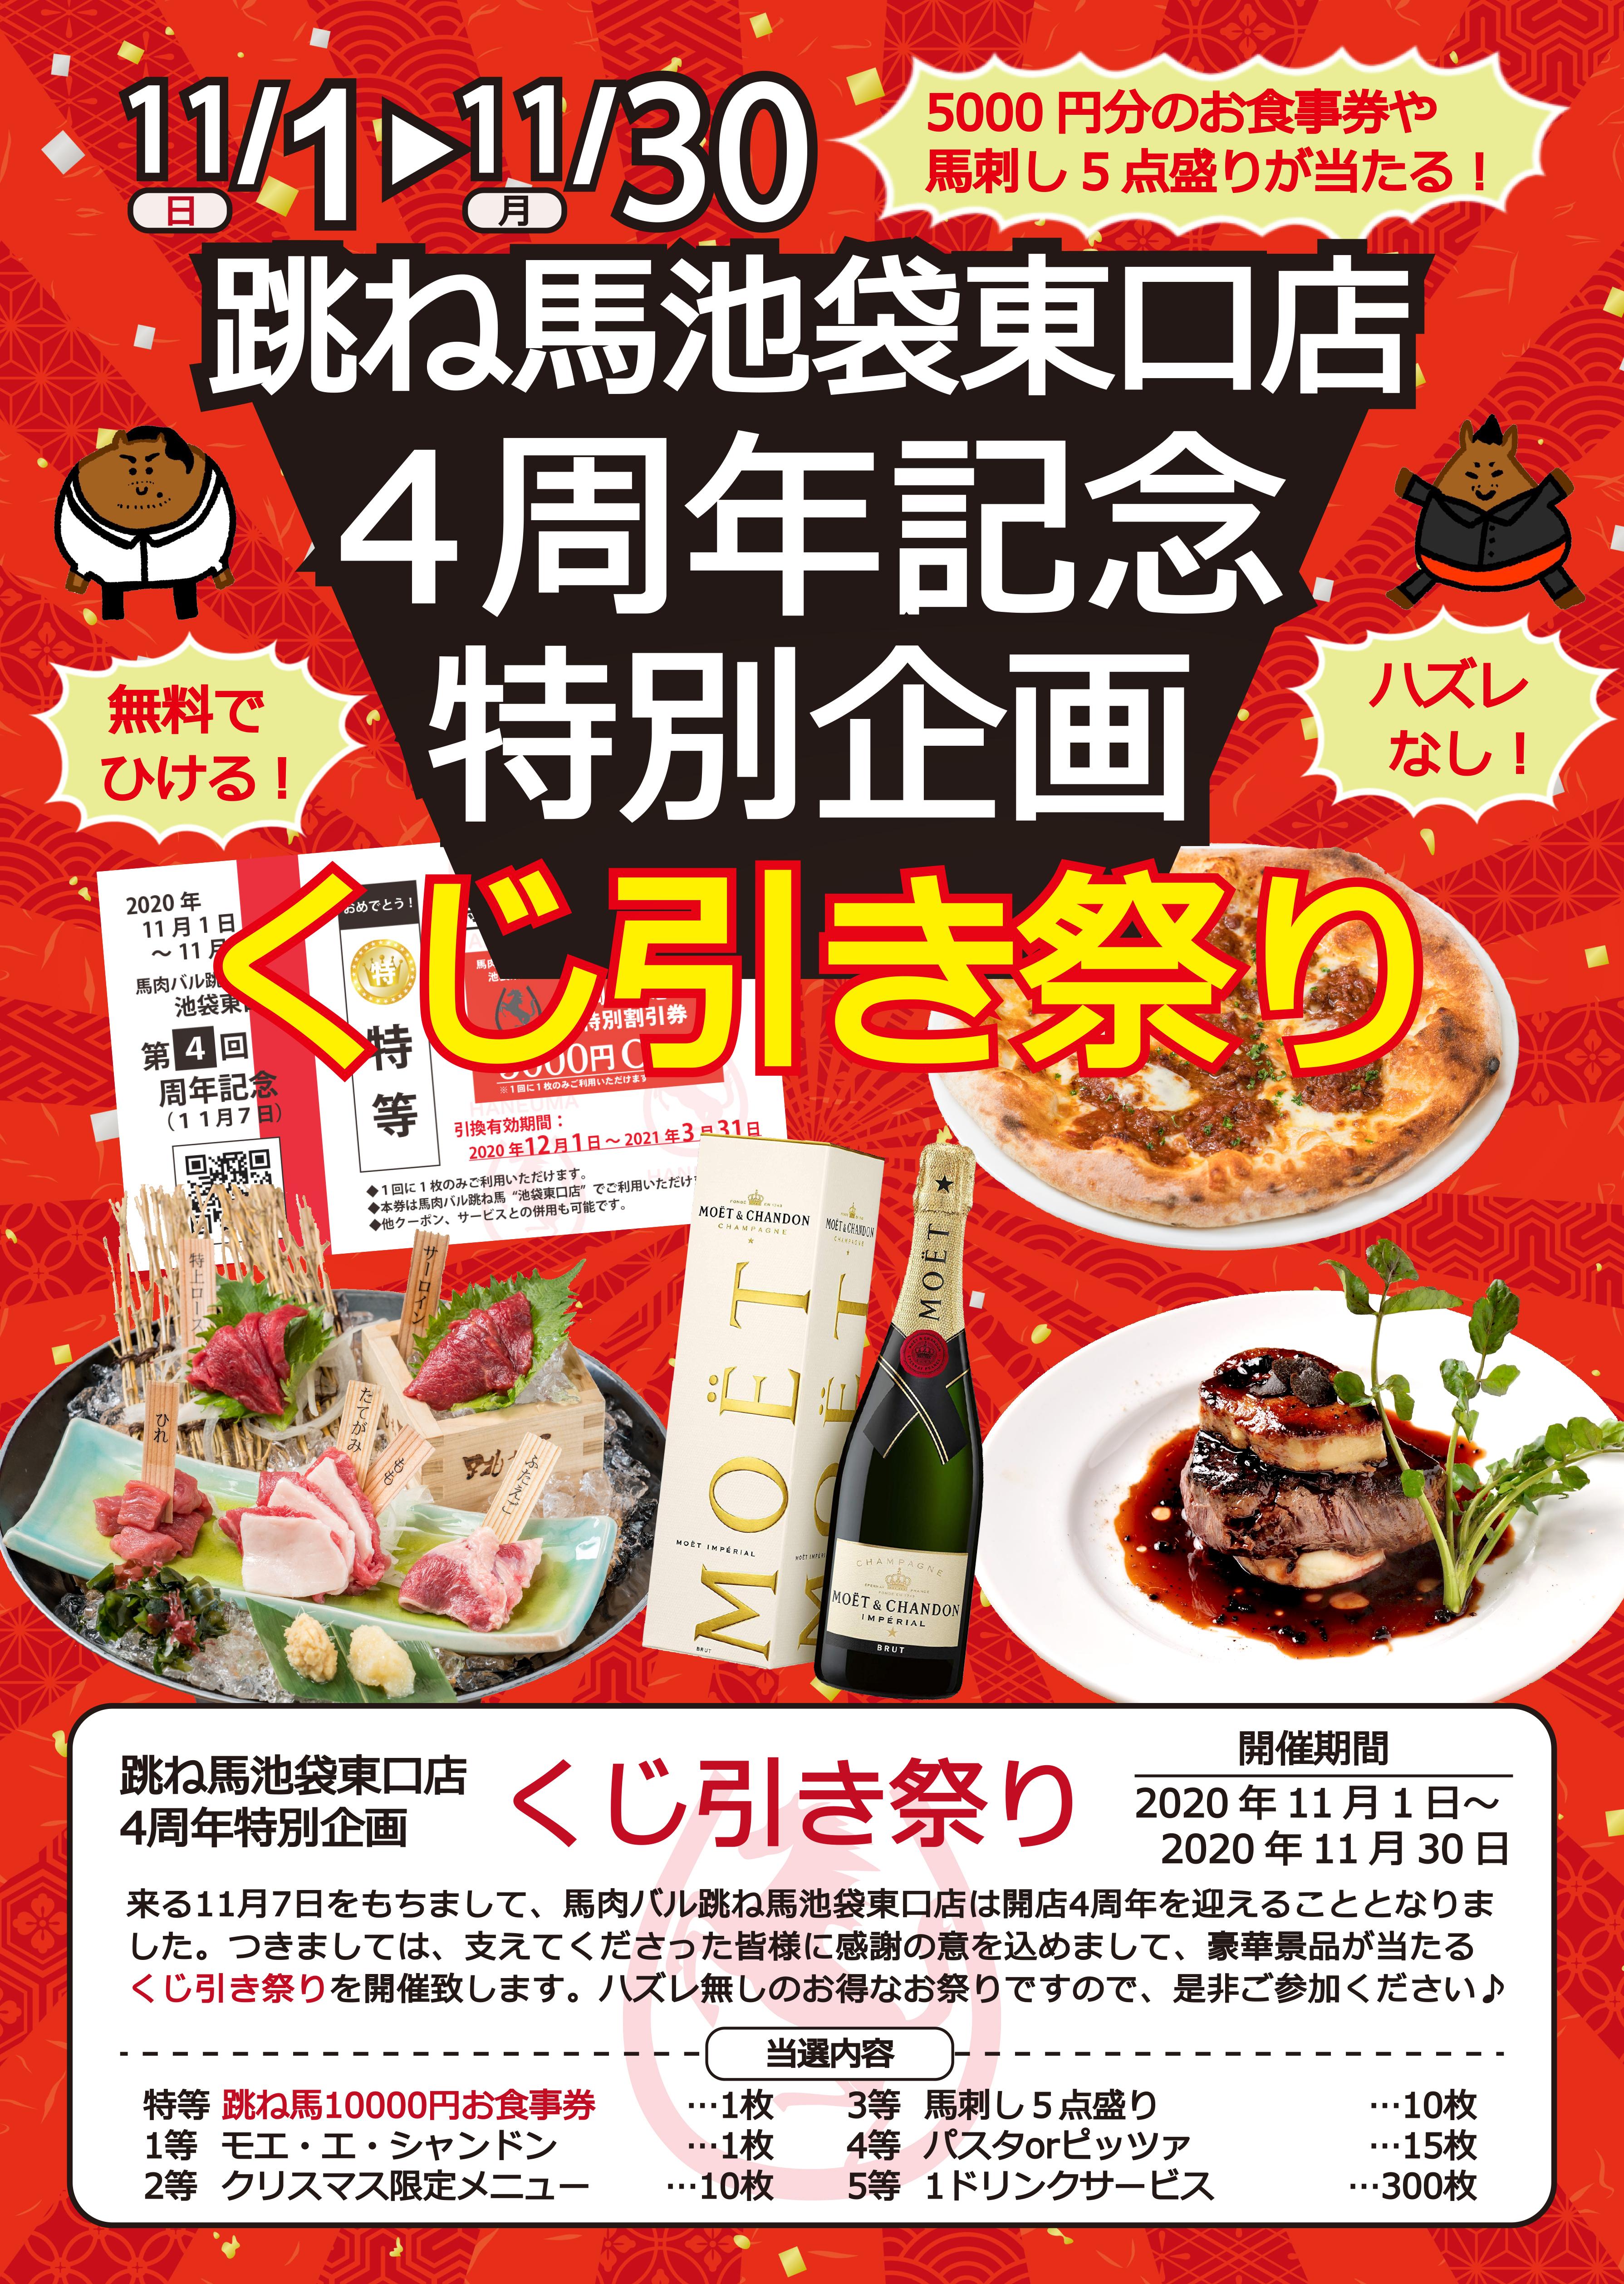 【11月1日~11月30日】池袋東口店限定!4周年記念イベント開催決定!